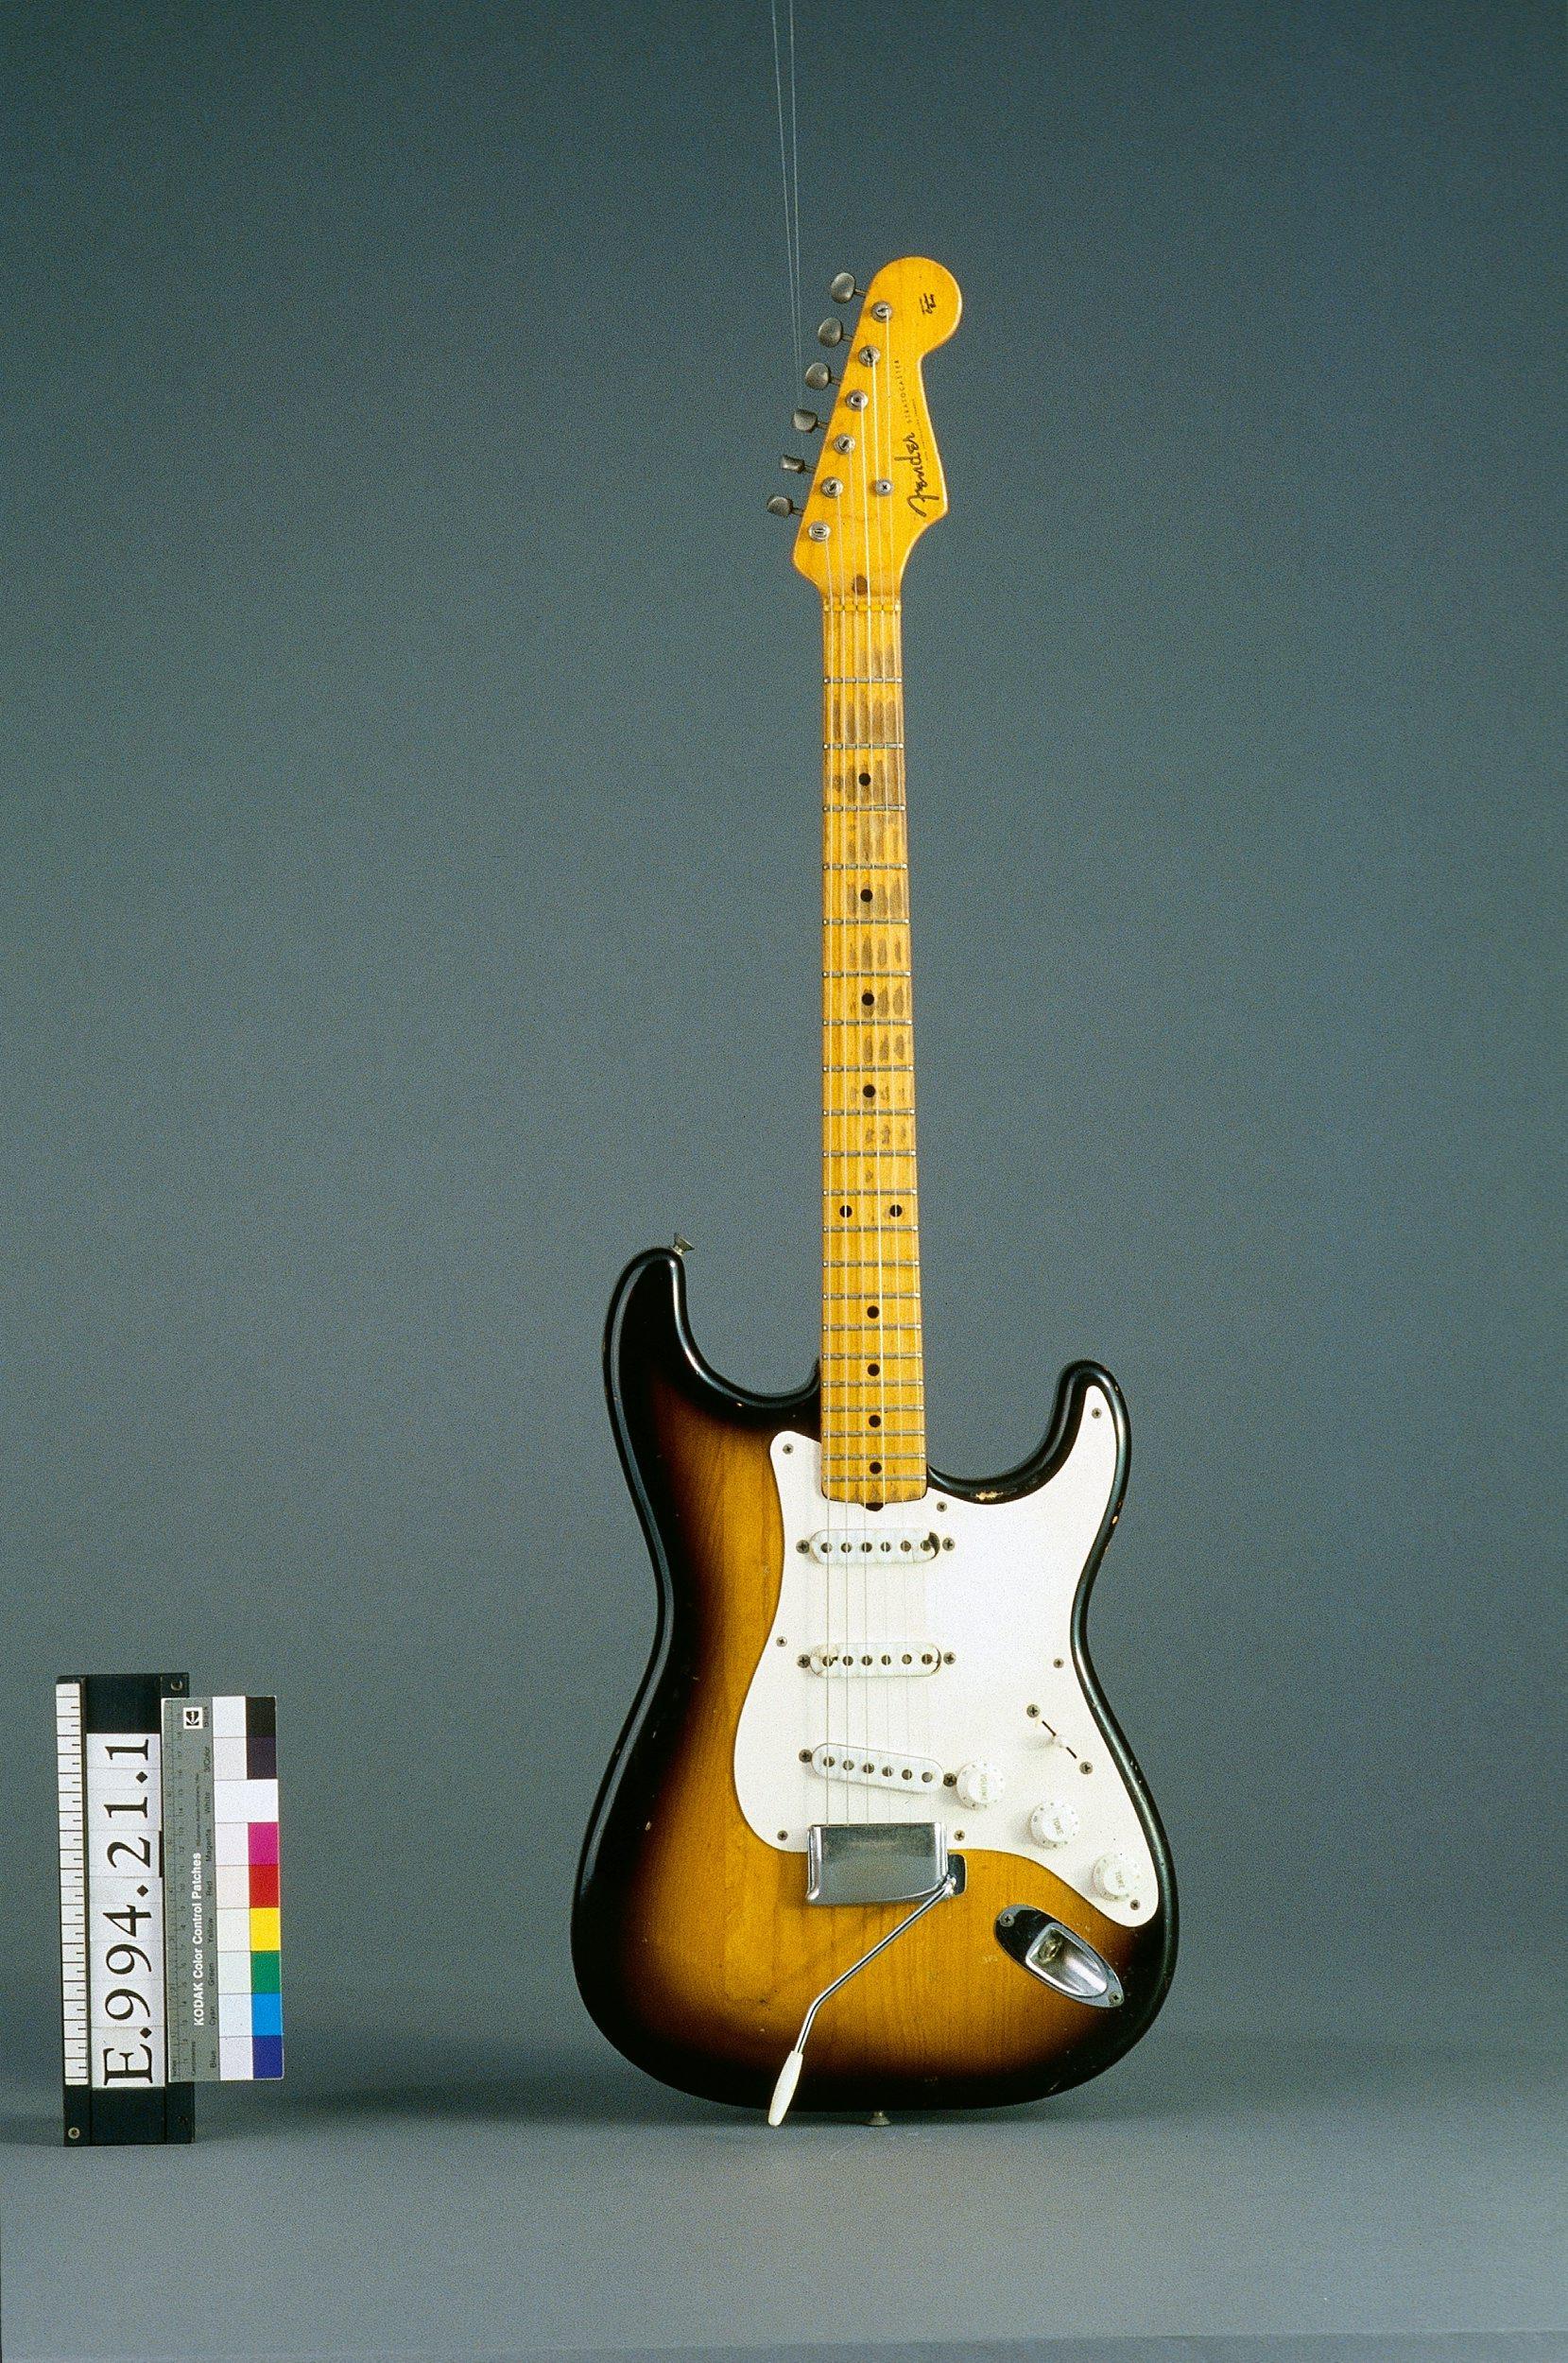 Guitare électrique modèle Stratocaster | Fender